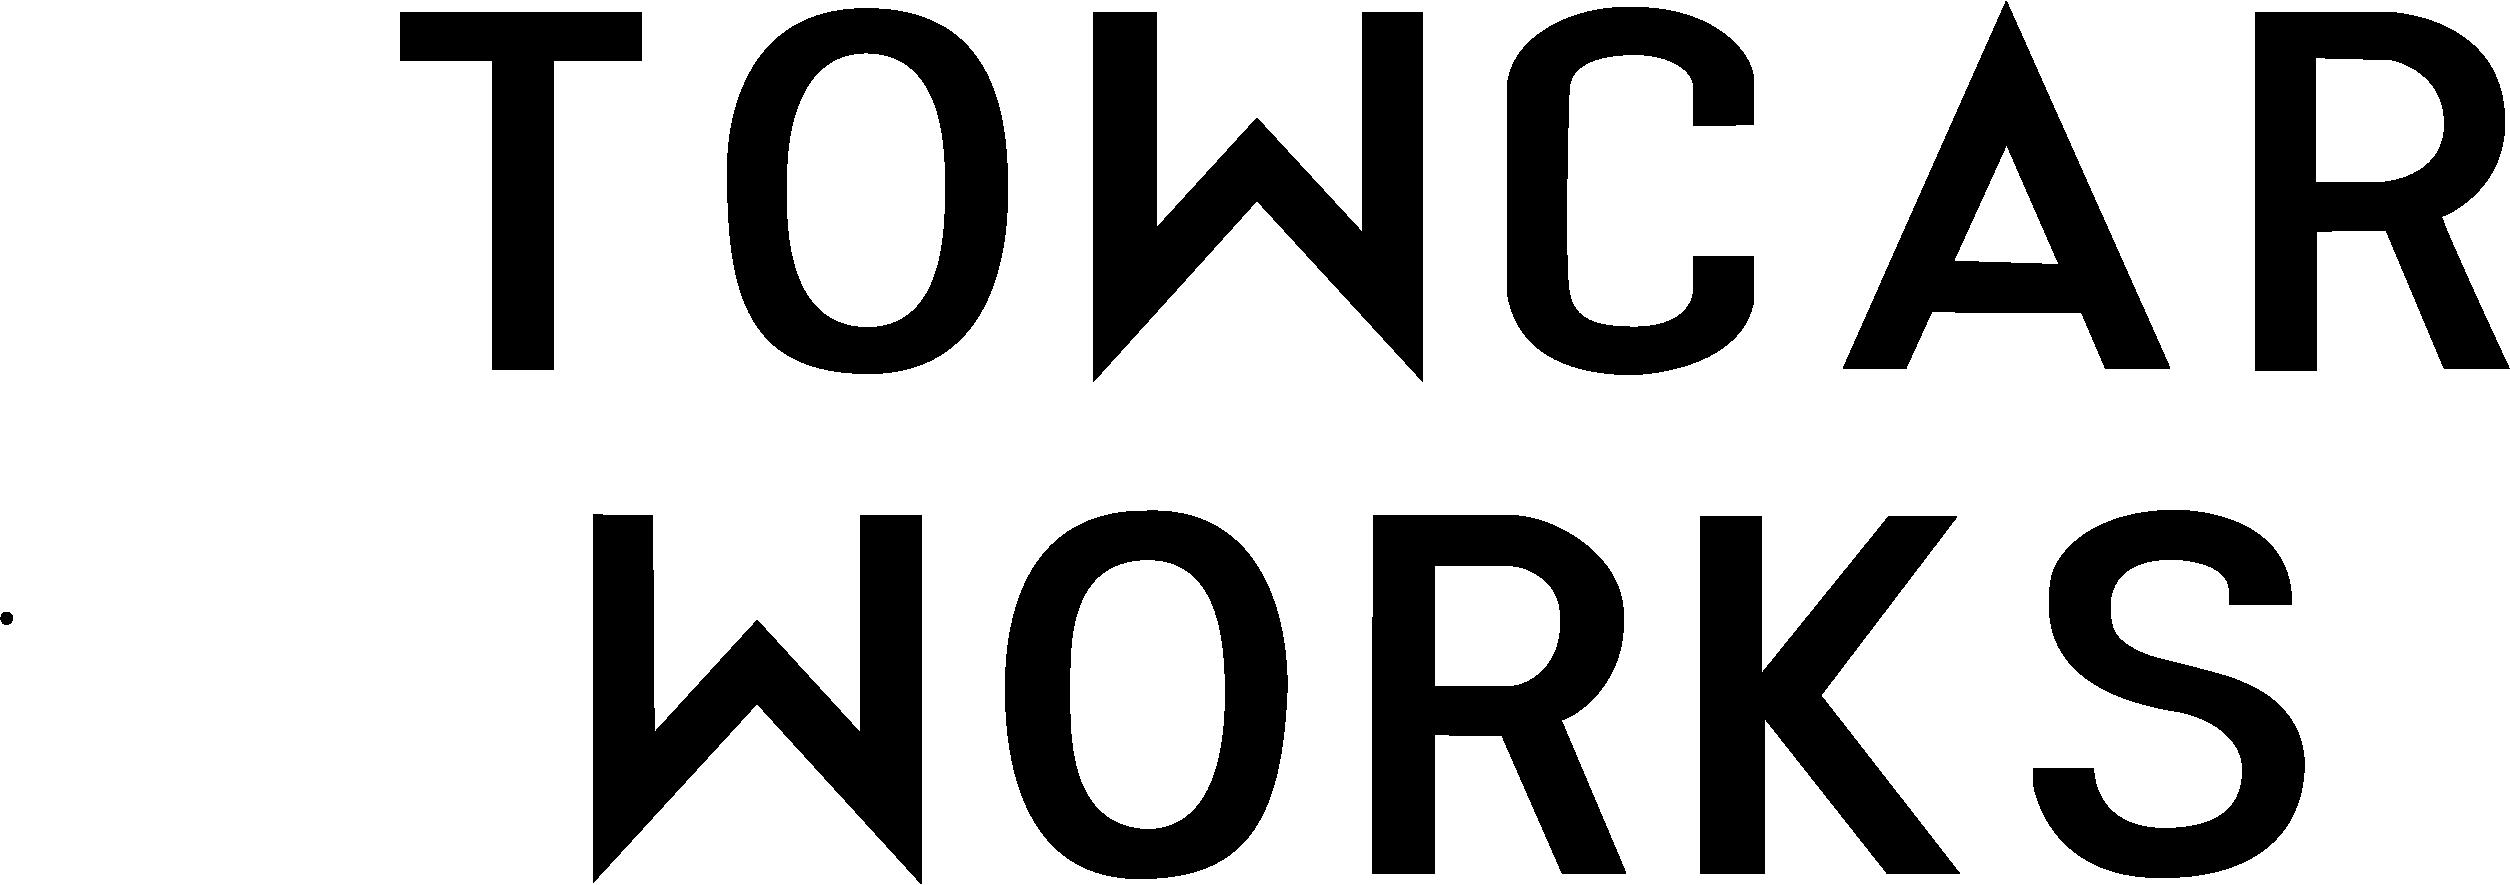 玖珠町の株式会社トーカーワークス